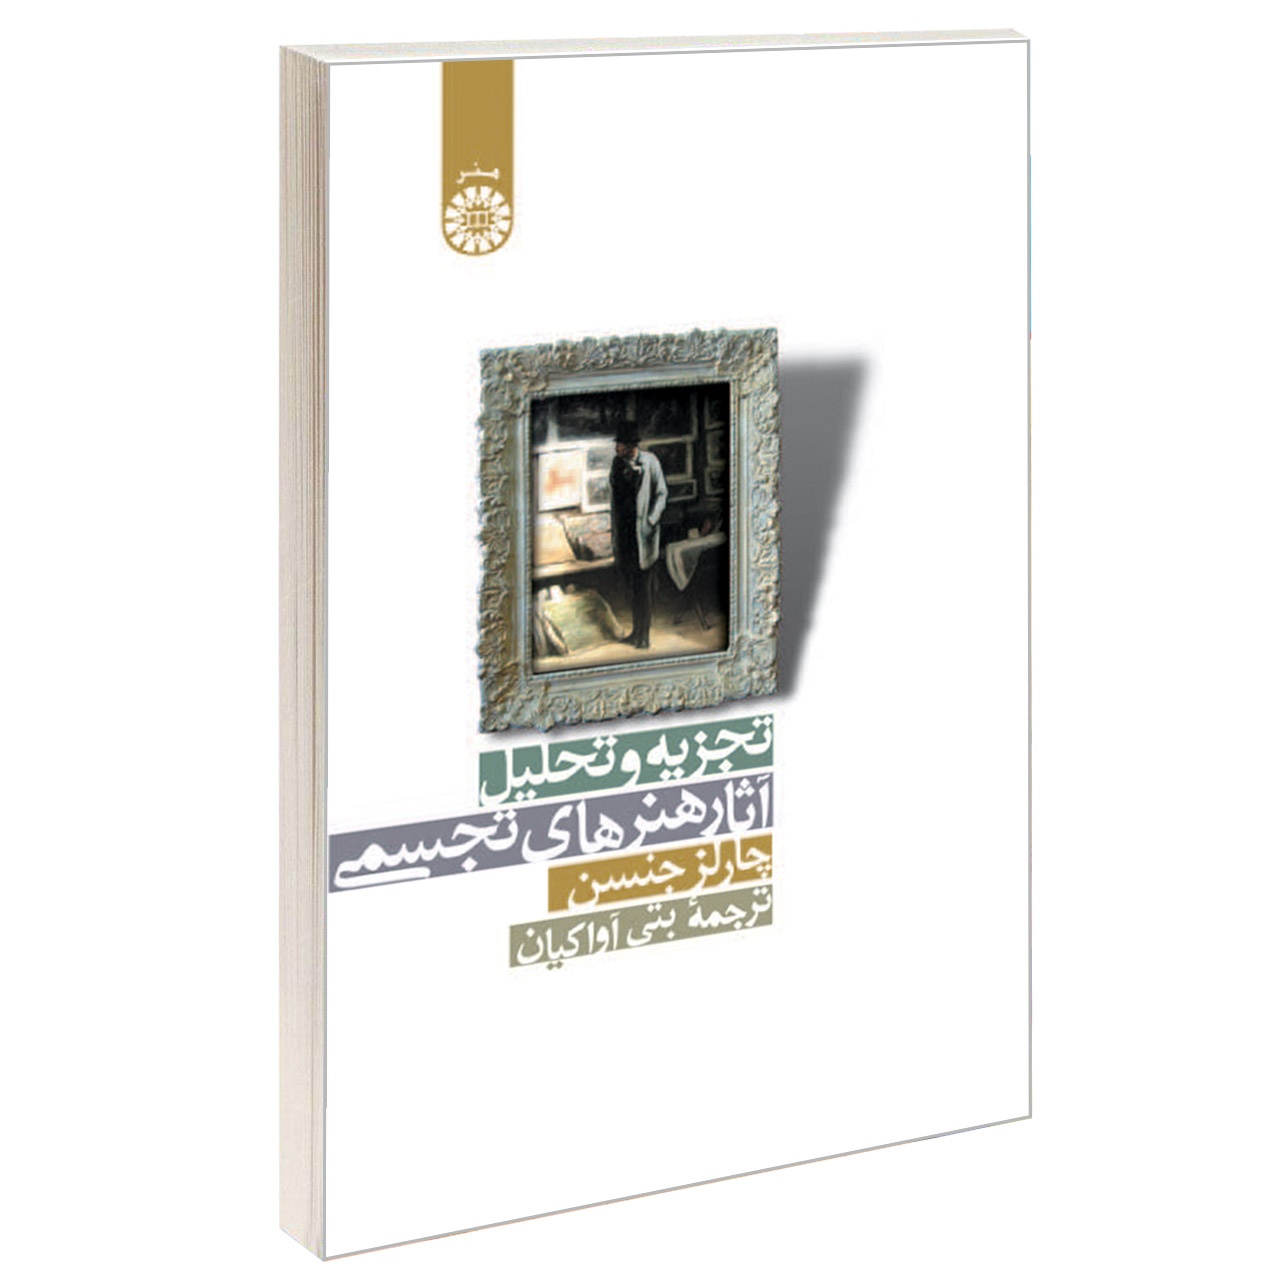 خرید                      کتاب تجزیه و تحلیل آثار هنرهای تجسمی اثر چارلز جنسن نشر سمت